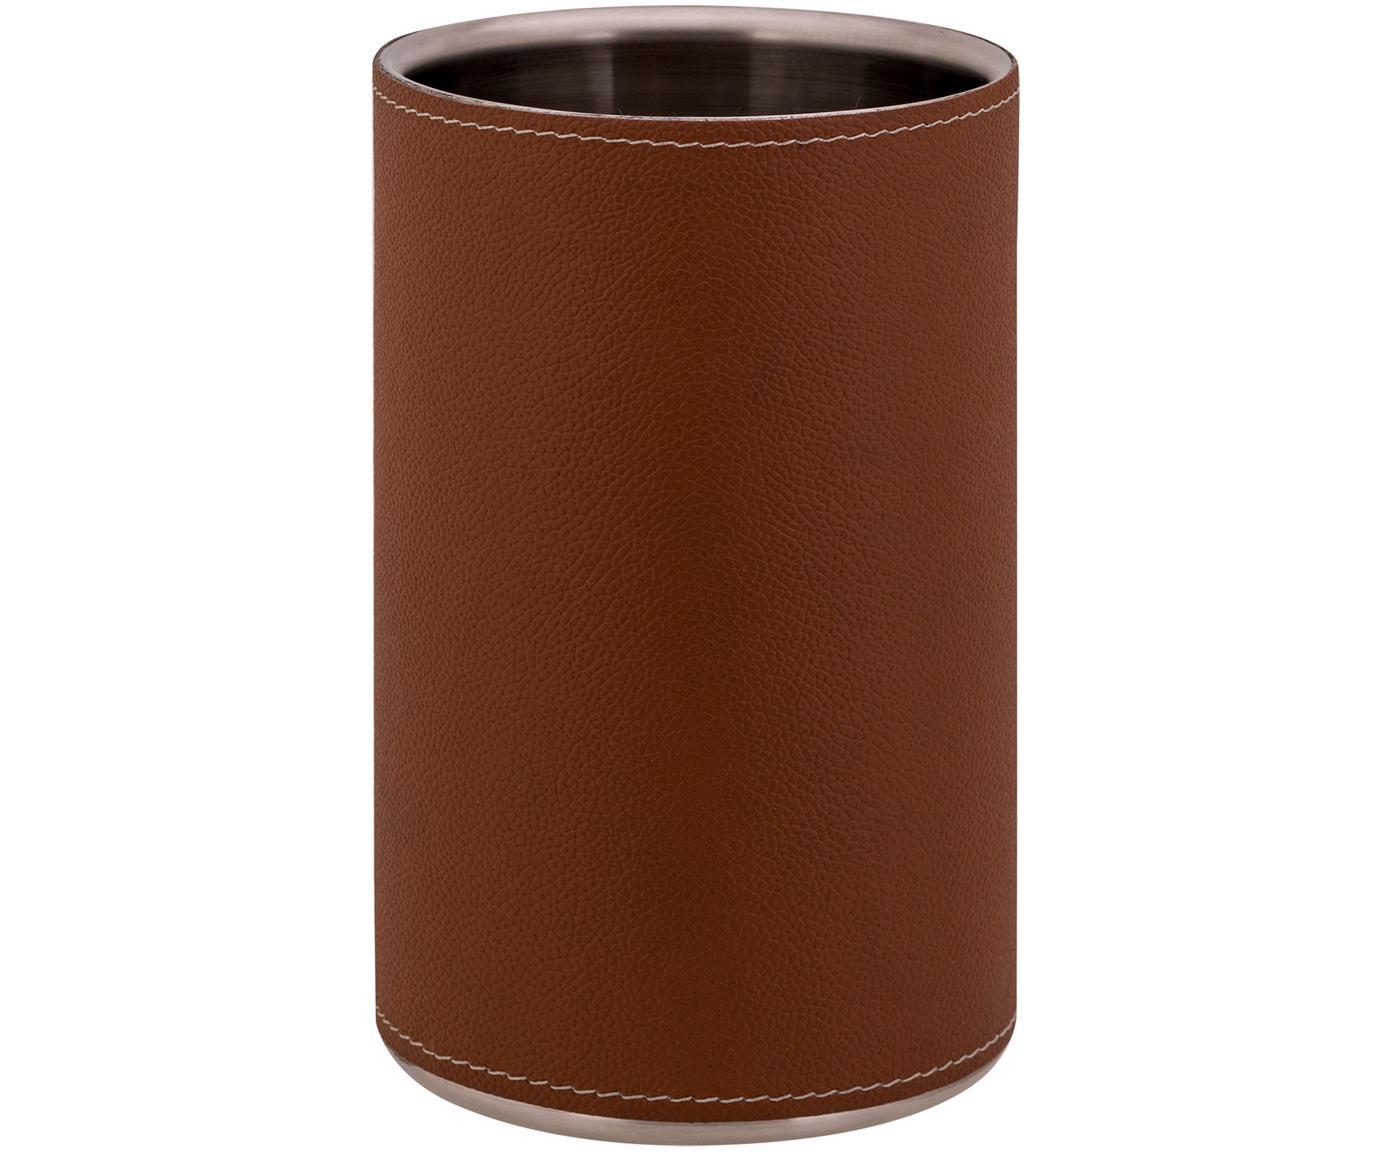 Raffreddatore di bottiglie Lahore con pelle marrone, Rivestimento: pelle, Marrone, acciaio, Ø 12 x Alt. 20 cm